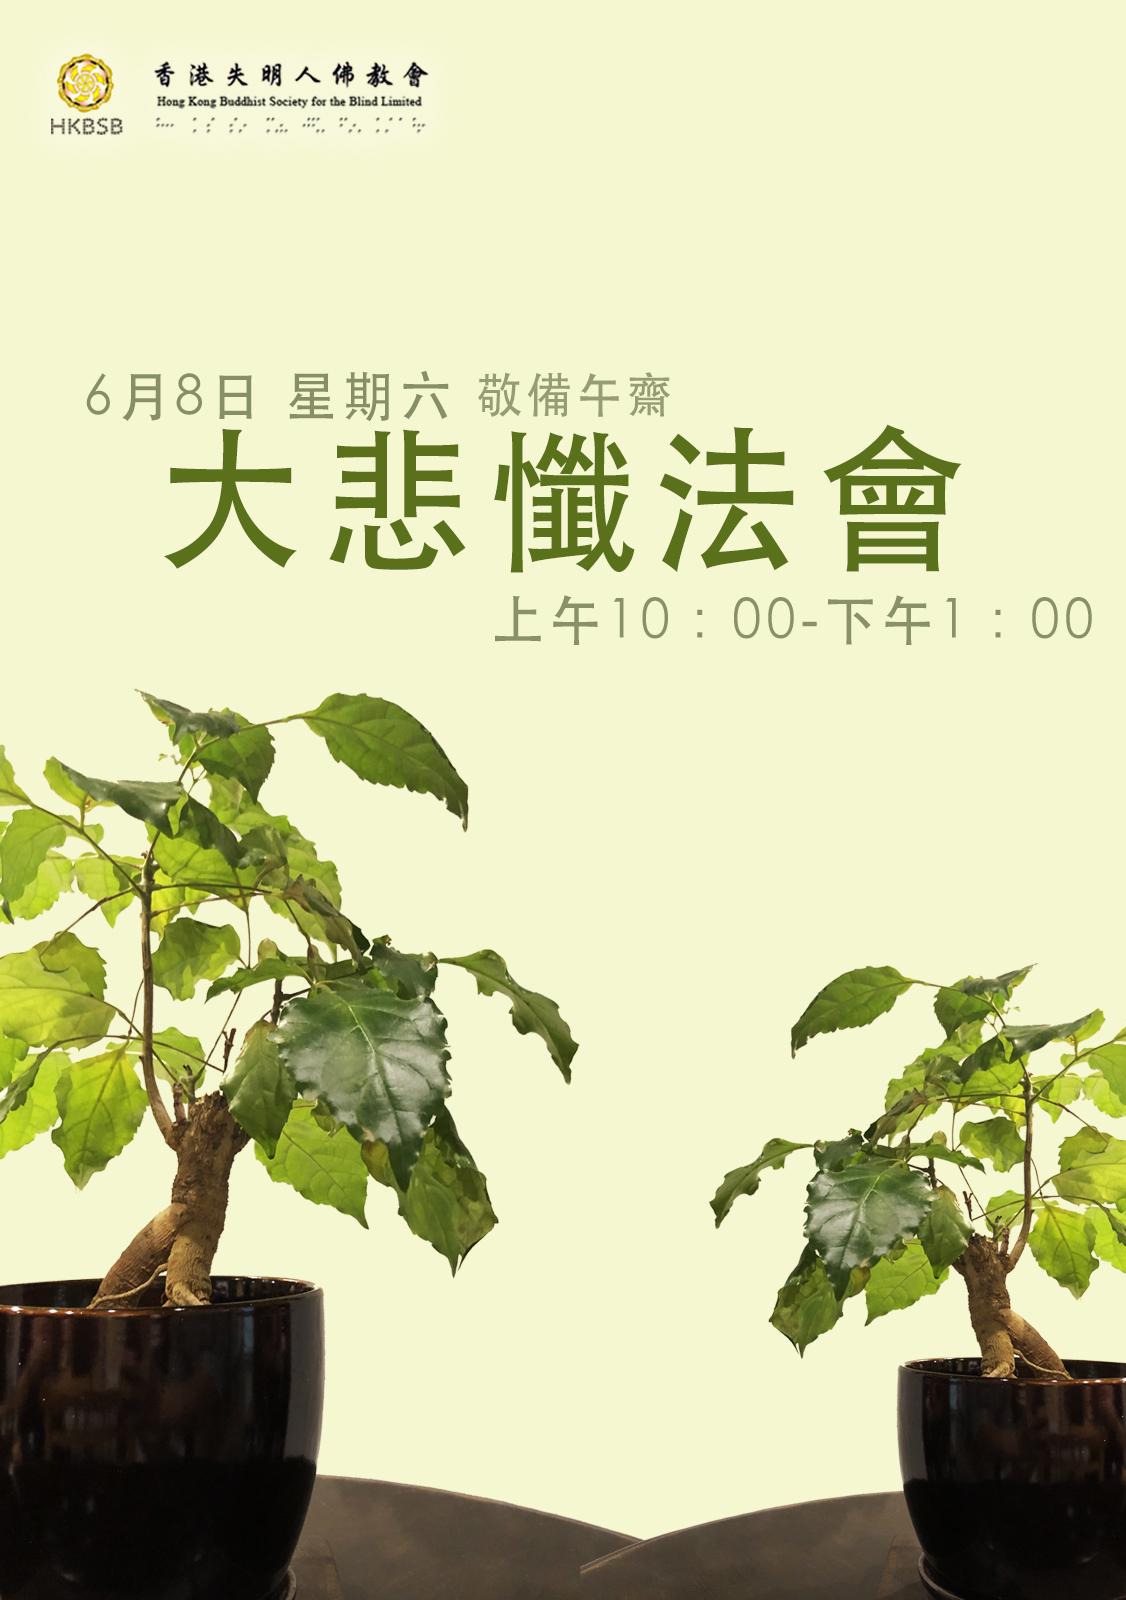 2019-6-8禮拜大悲懺